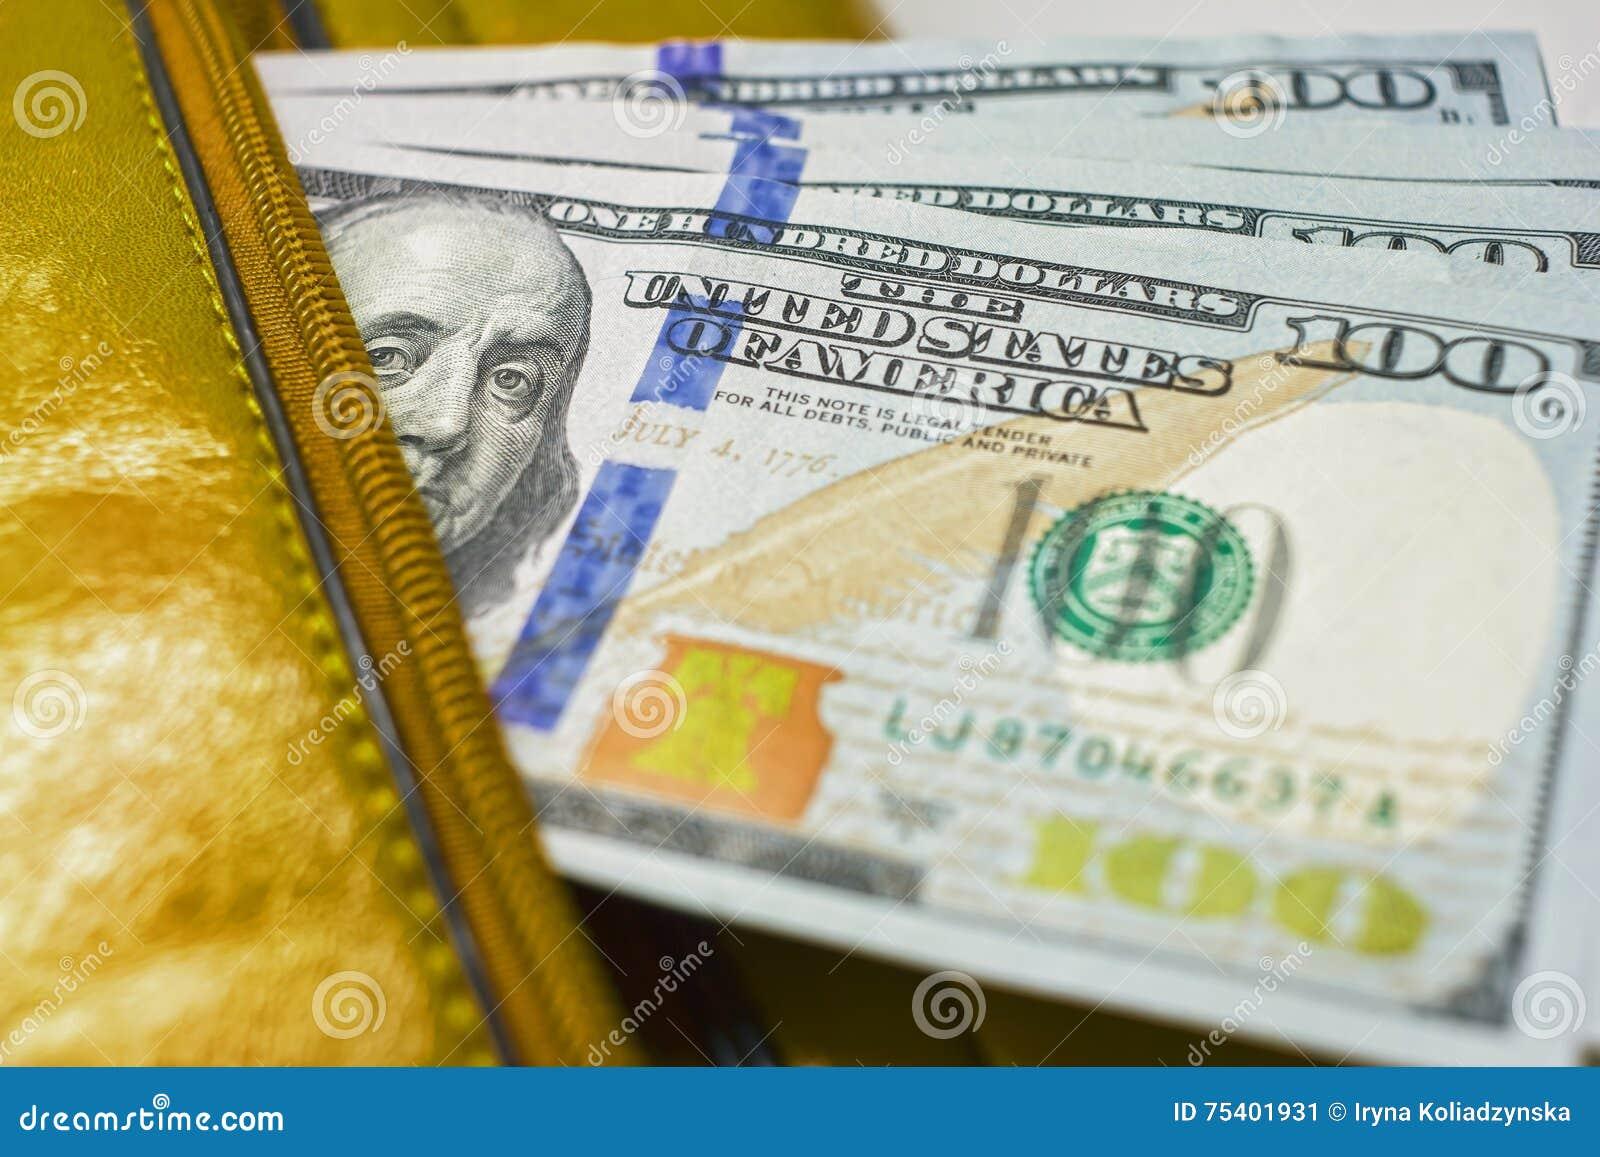 Las notas en una cartera, cuentas del dólar del ciento-dólar están en un bolso,